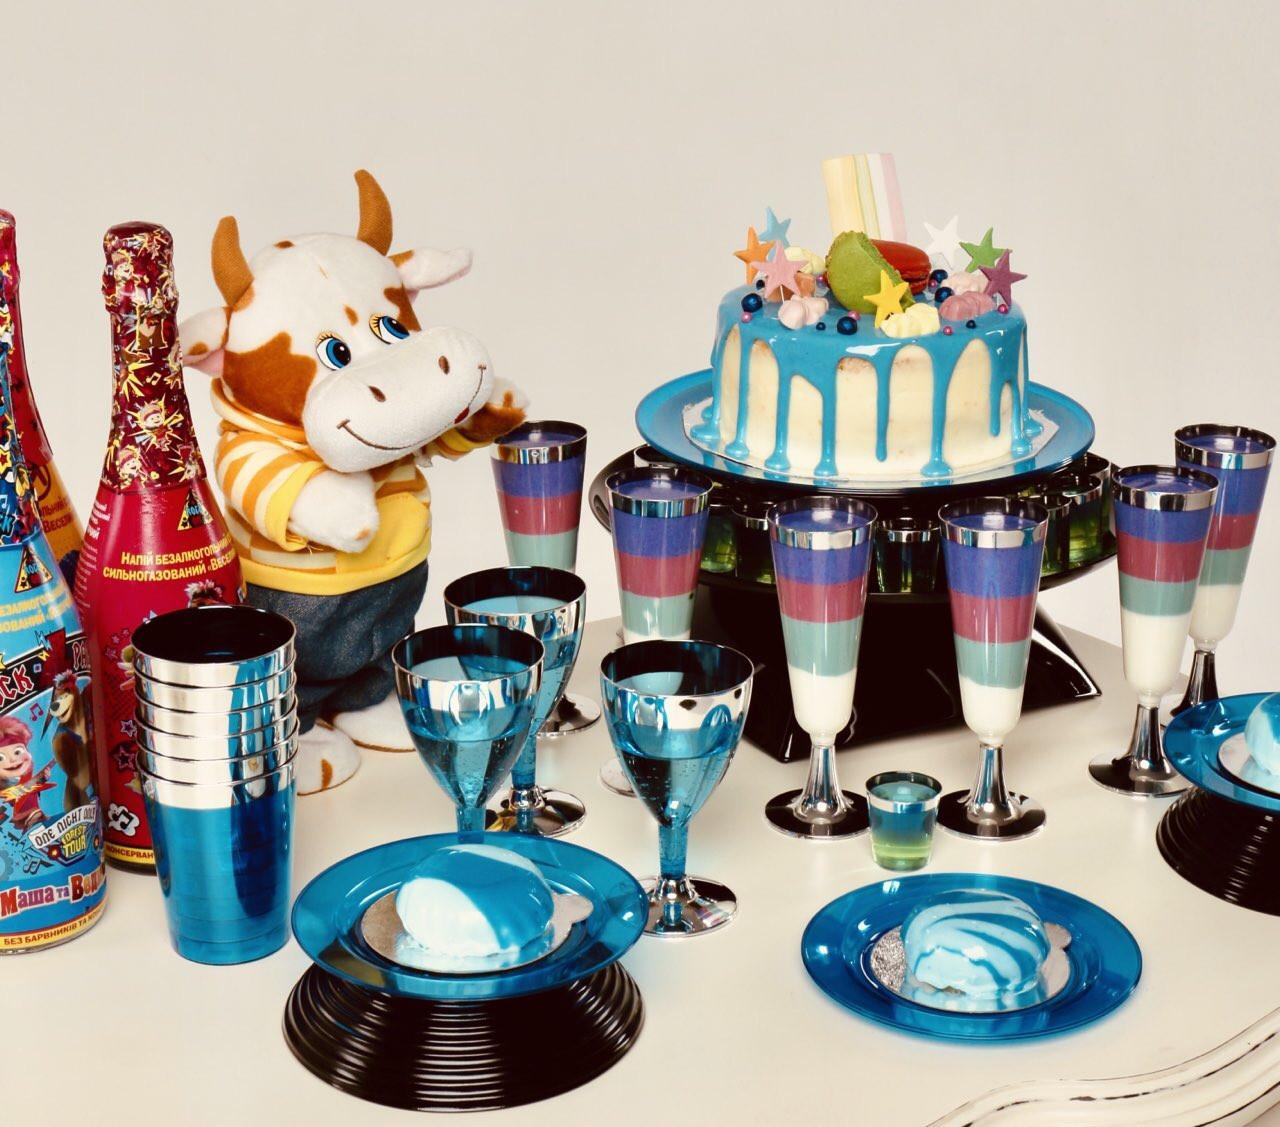 Стаканы одноразовые плотные, цветные для детского праздника, дня рождения, кенди бара CFP 6 шт 220 мл